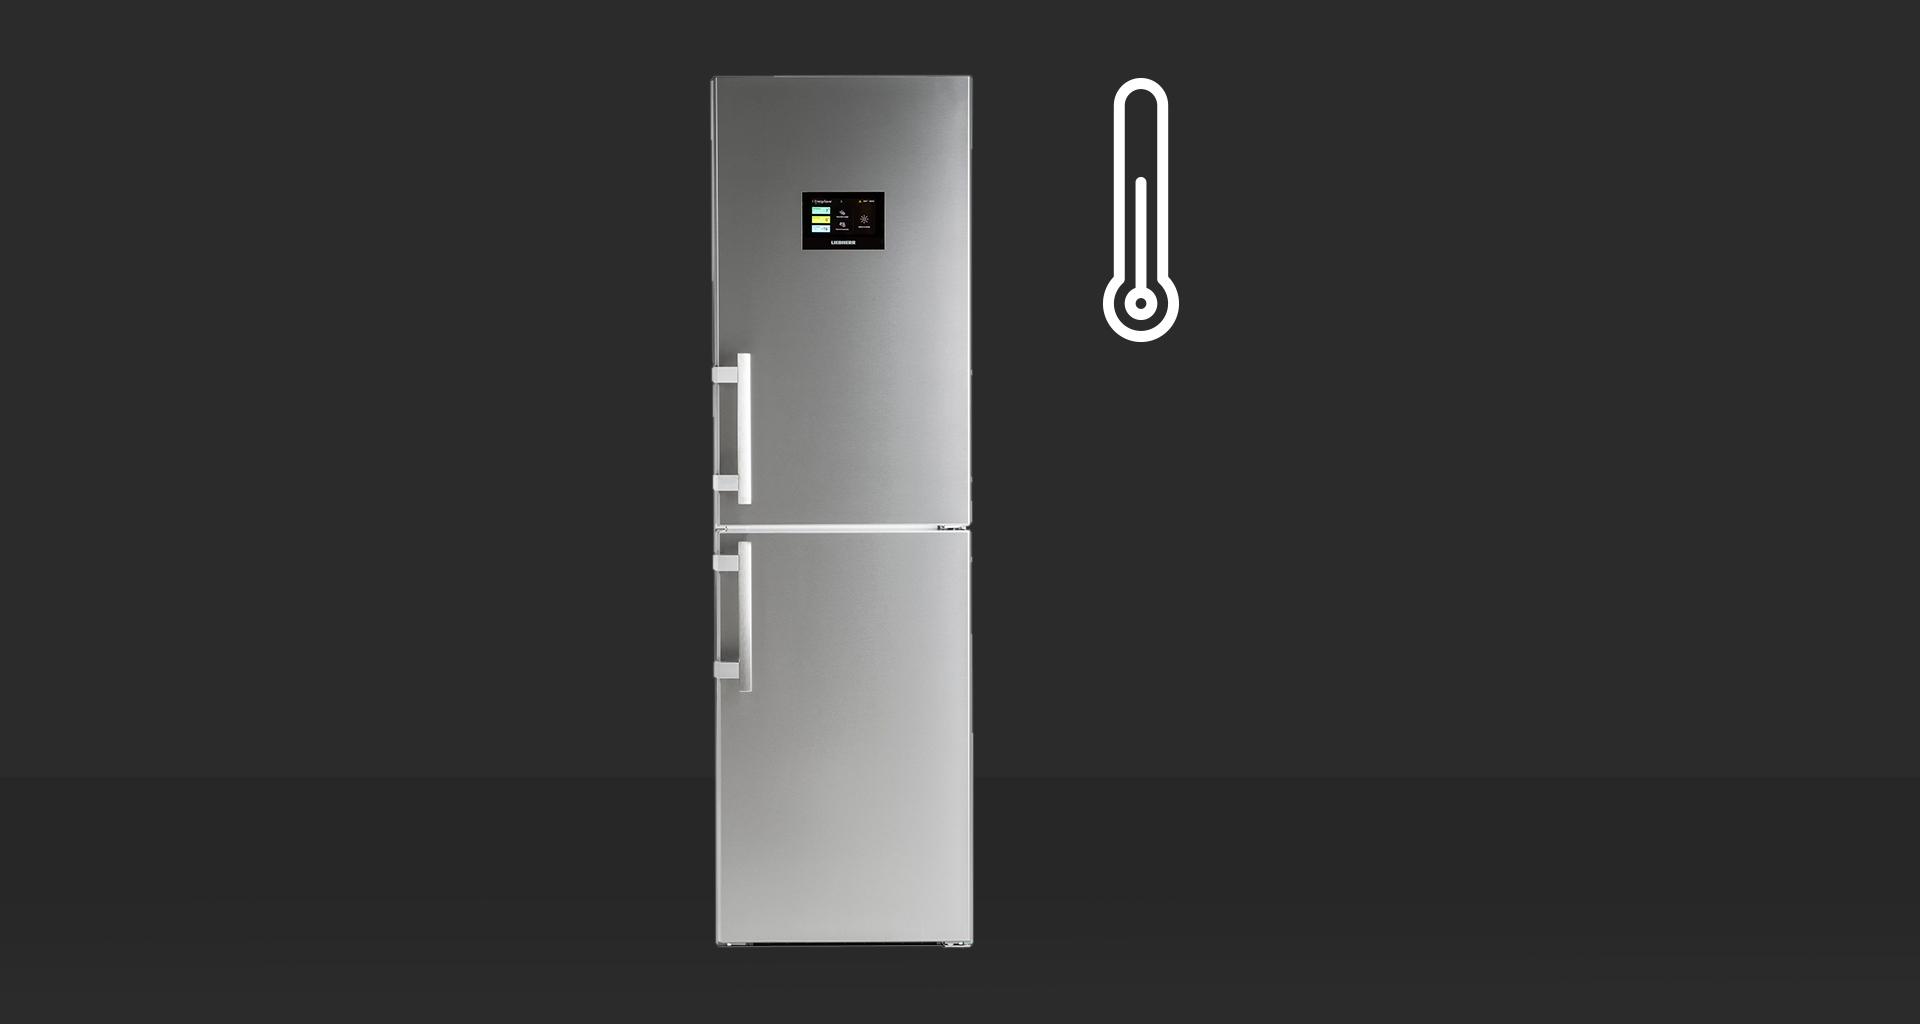 Cómo mantener la temperatura perfecta del frigorífico